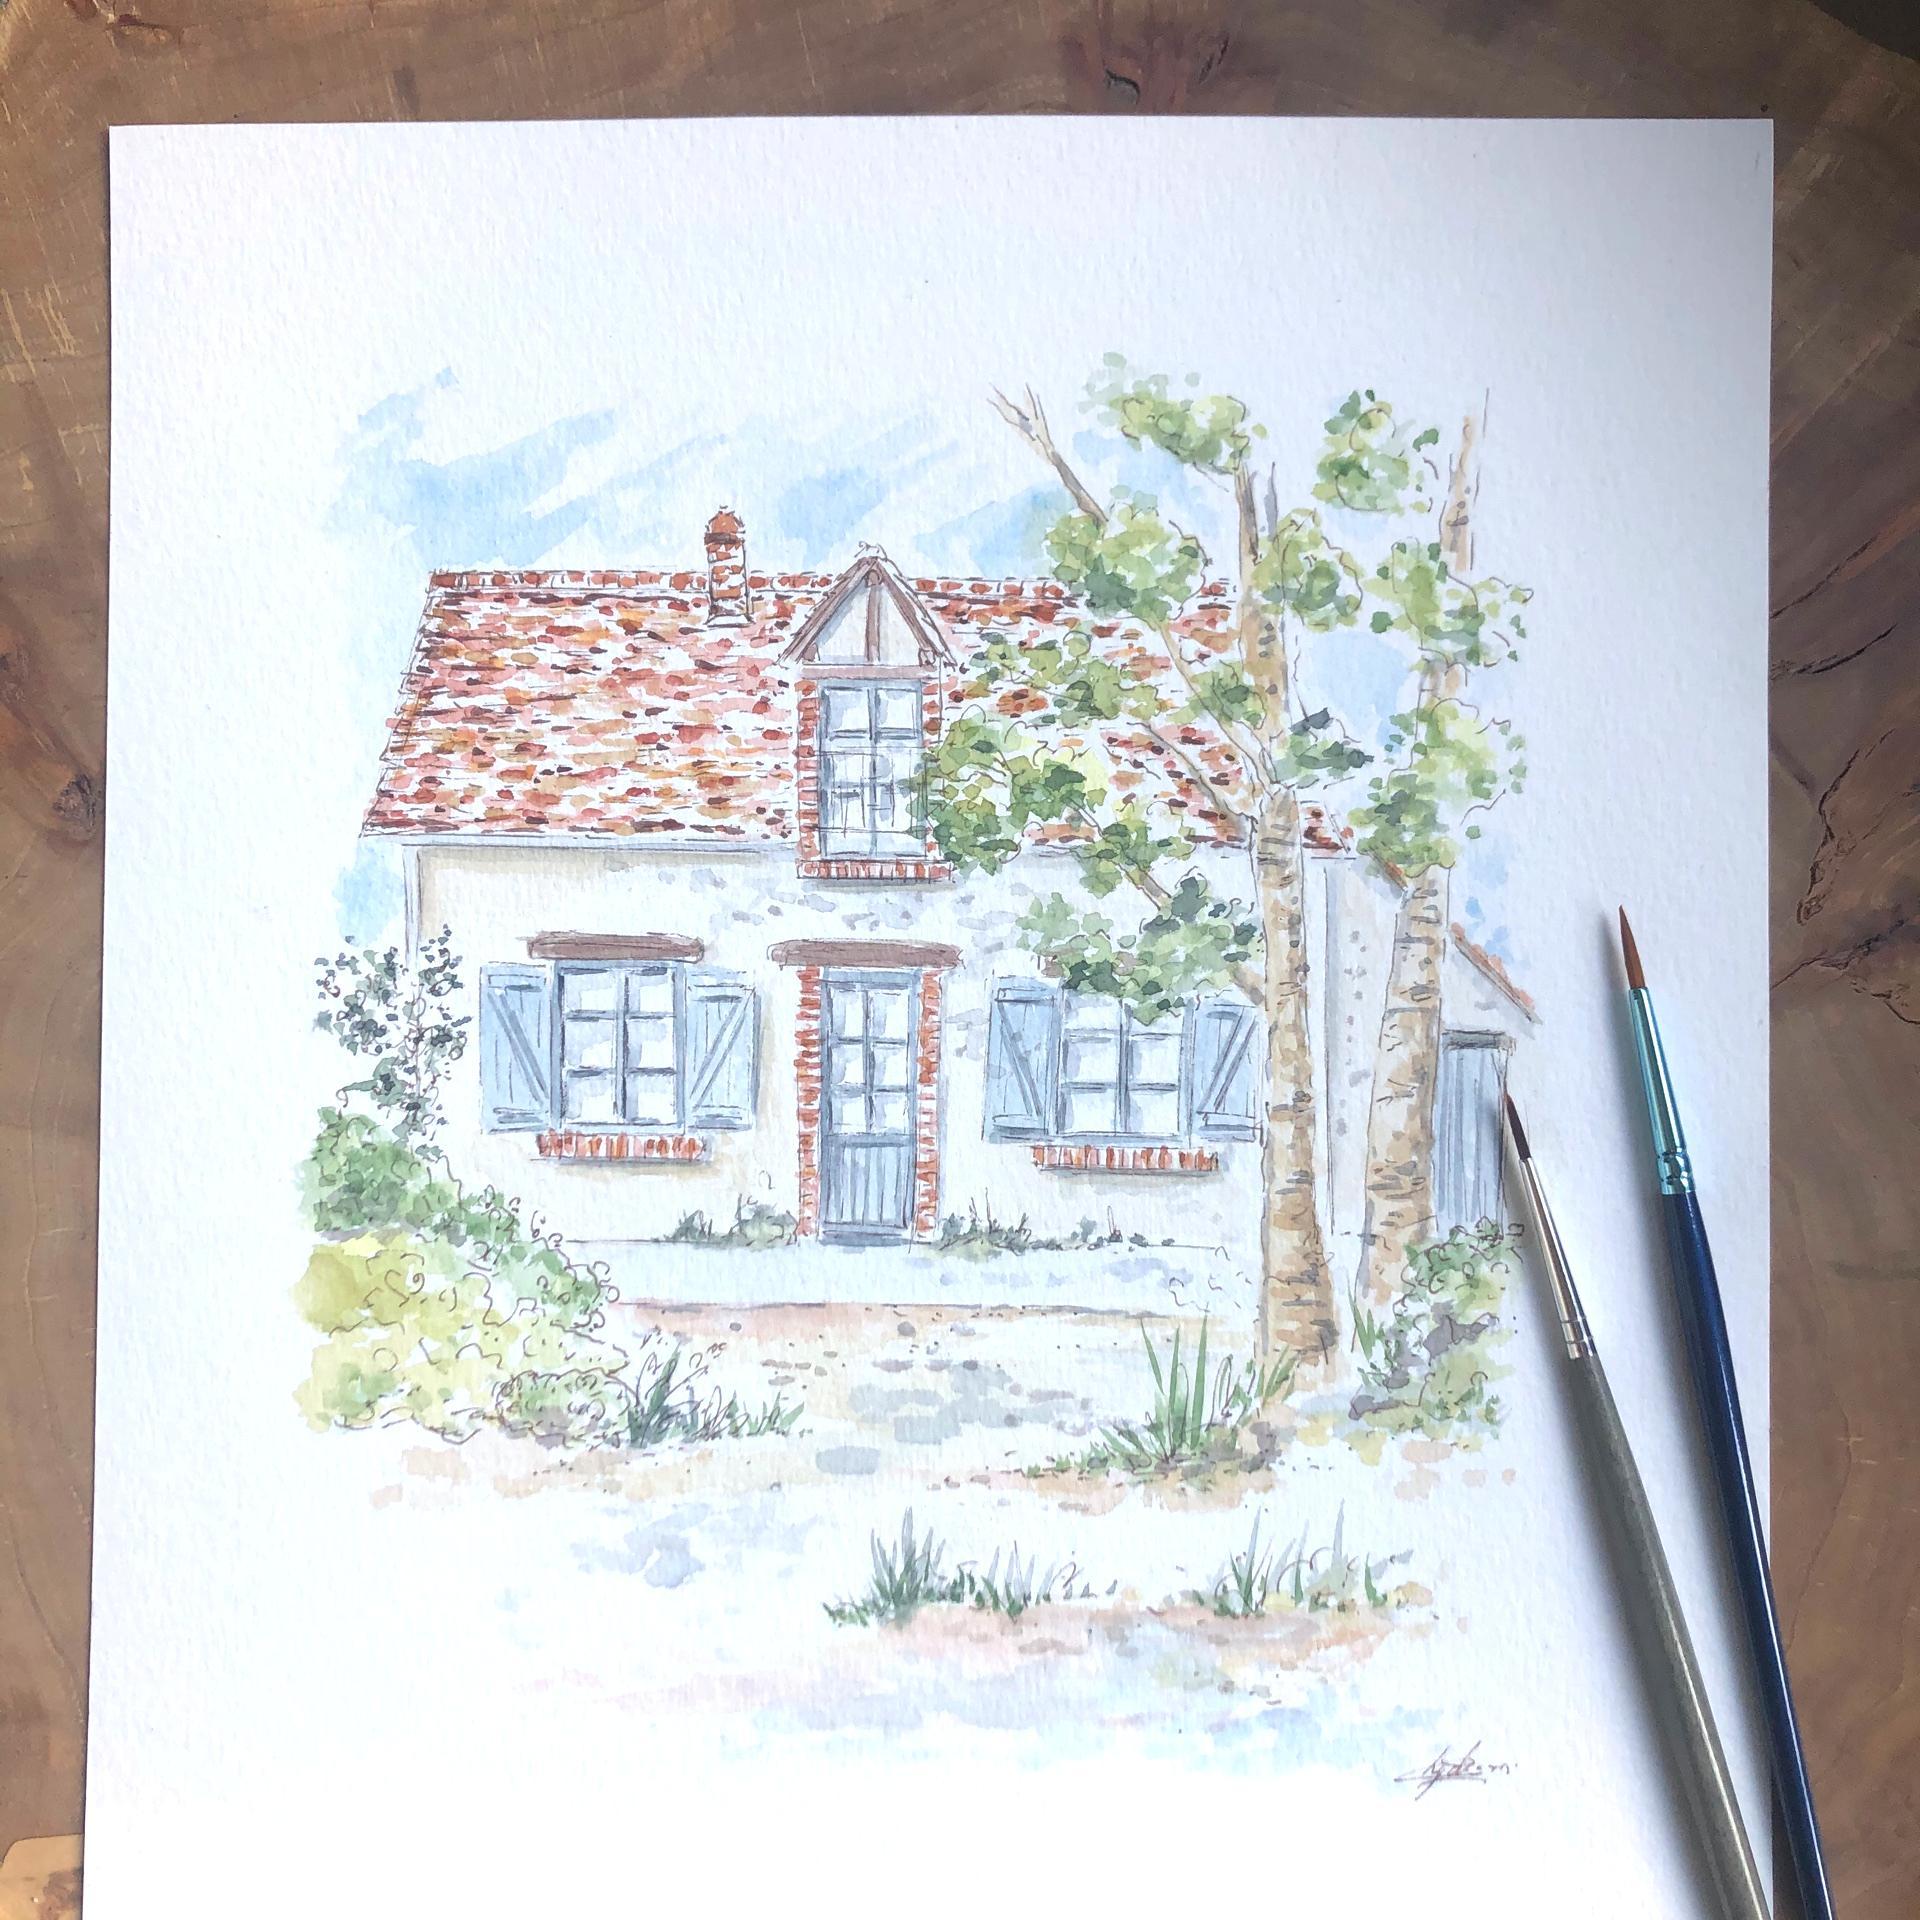 Portrait de maison avec modification jardin